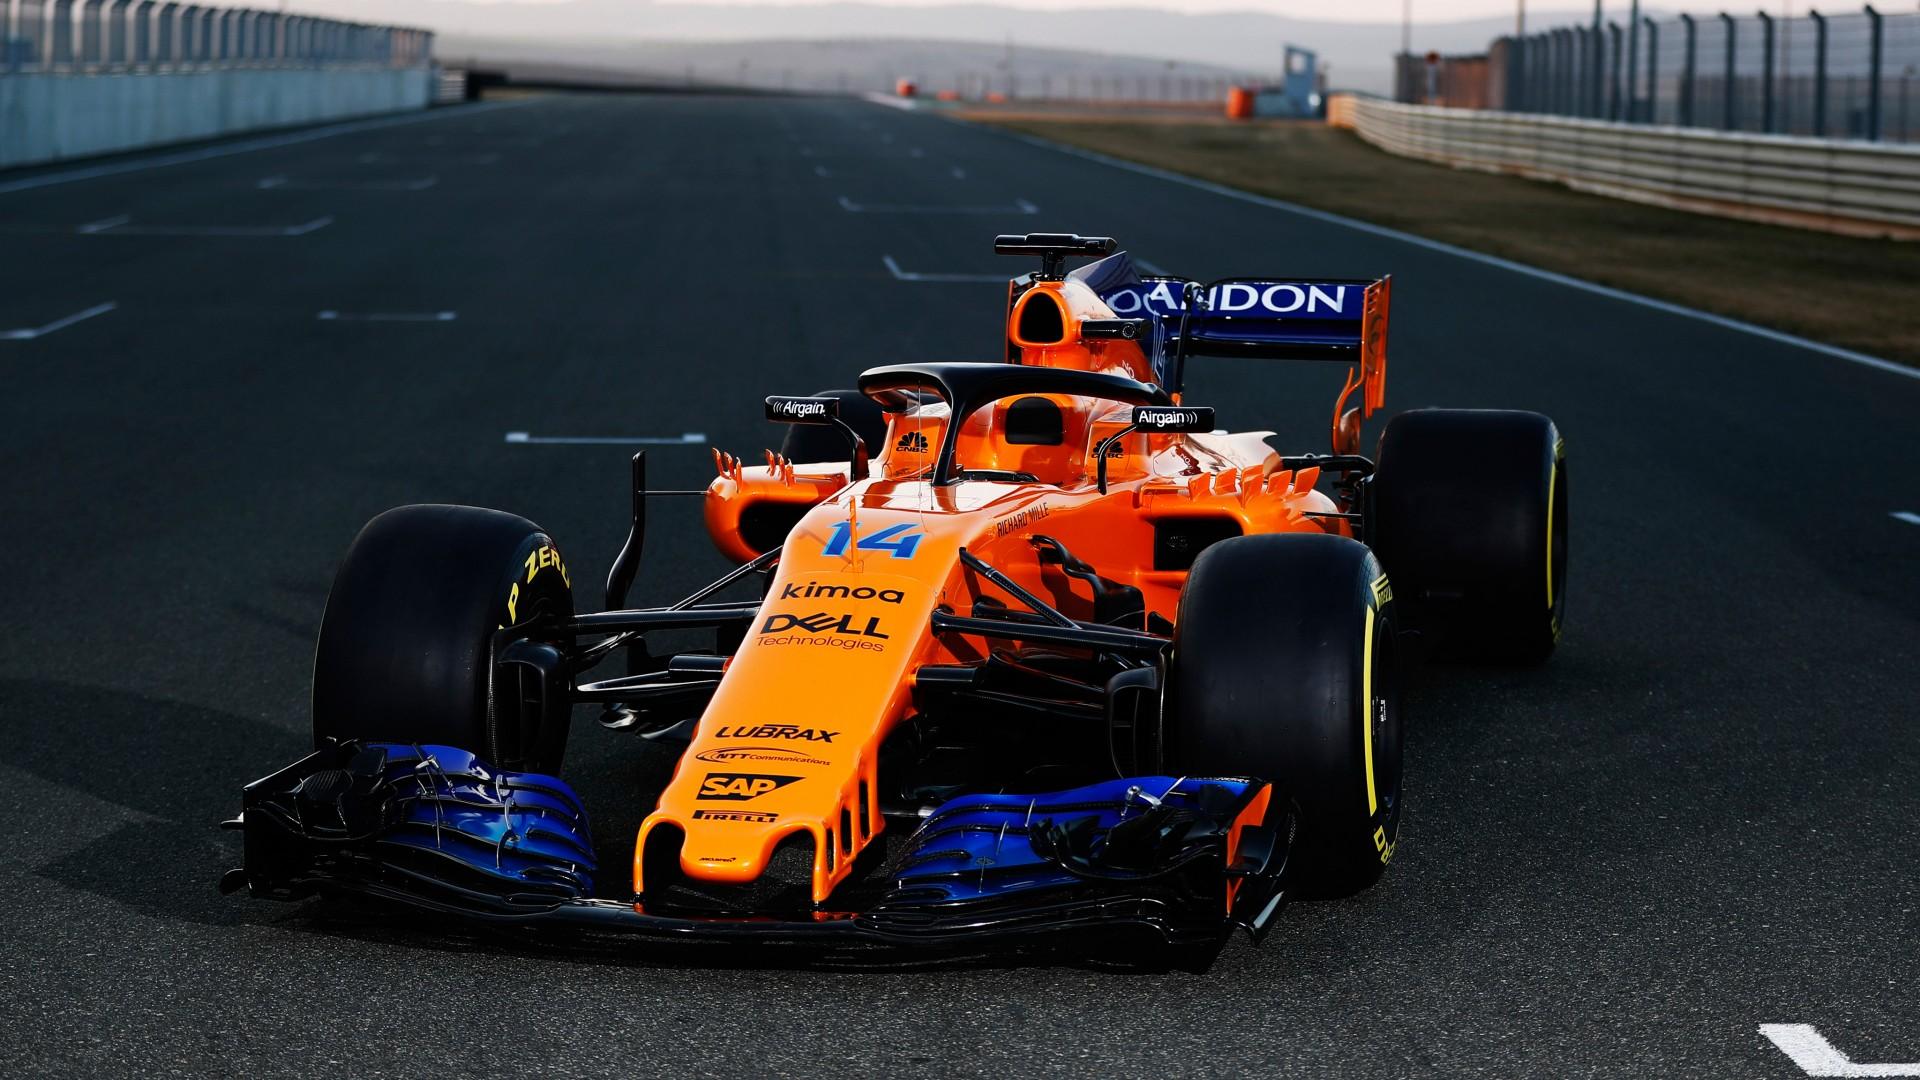 F1 Car Wallpaper